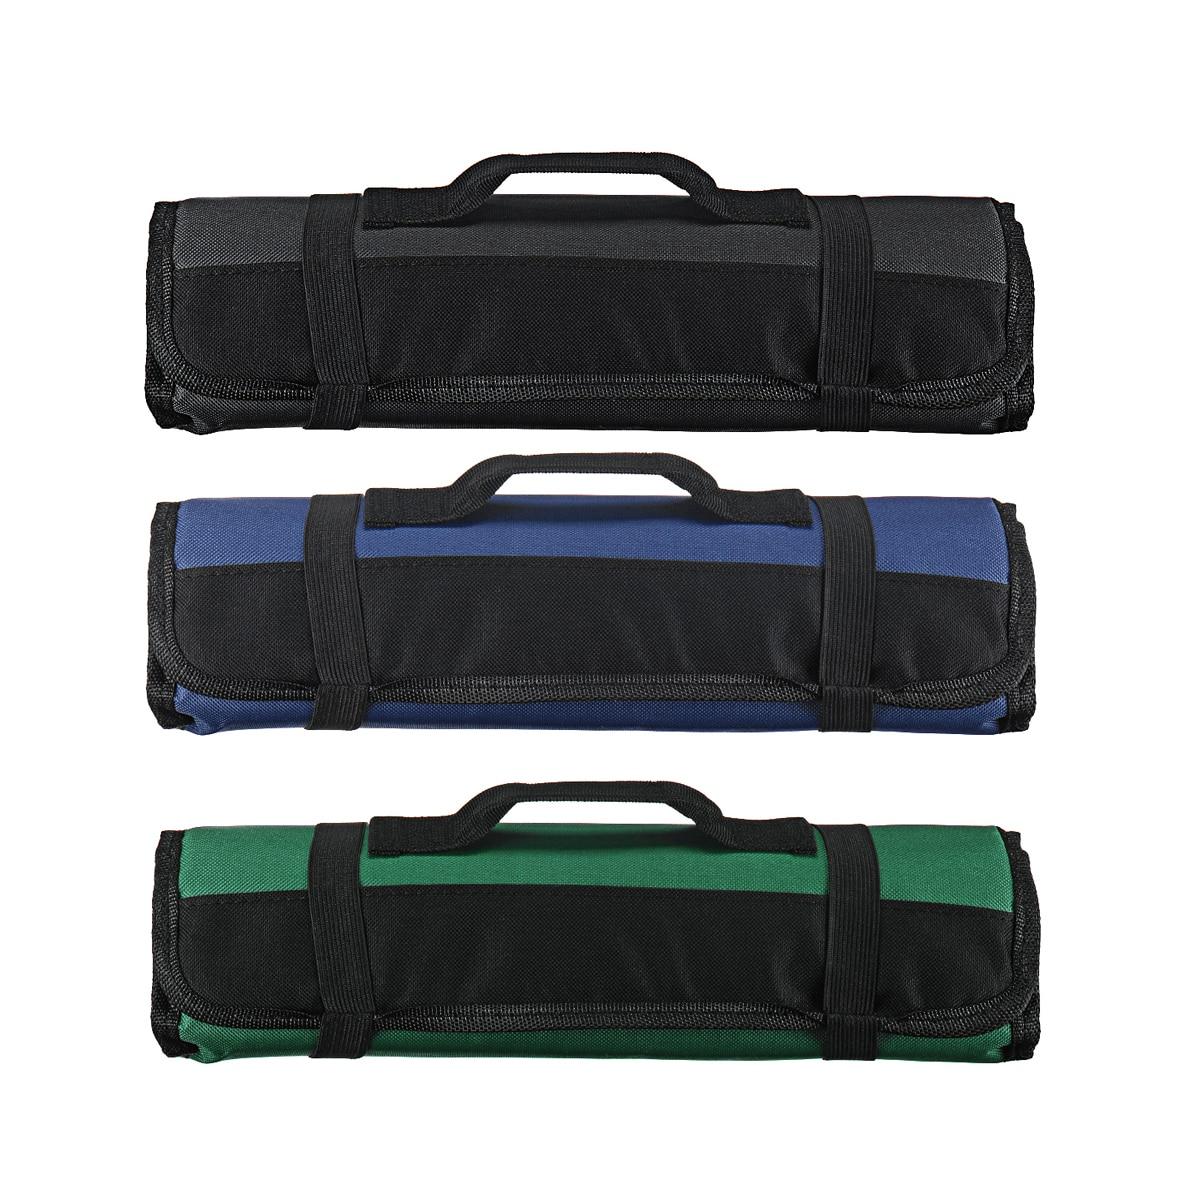 3 farbe Wahl Chef Messer Tasche Rollen Tasche Tragen Fall Tasche Küche Kochen Tragbare Durable Lagerung 22 Taschen Schwarz Blau grün